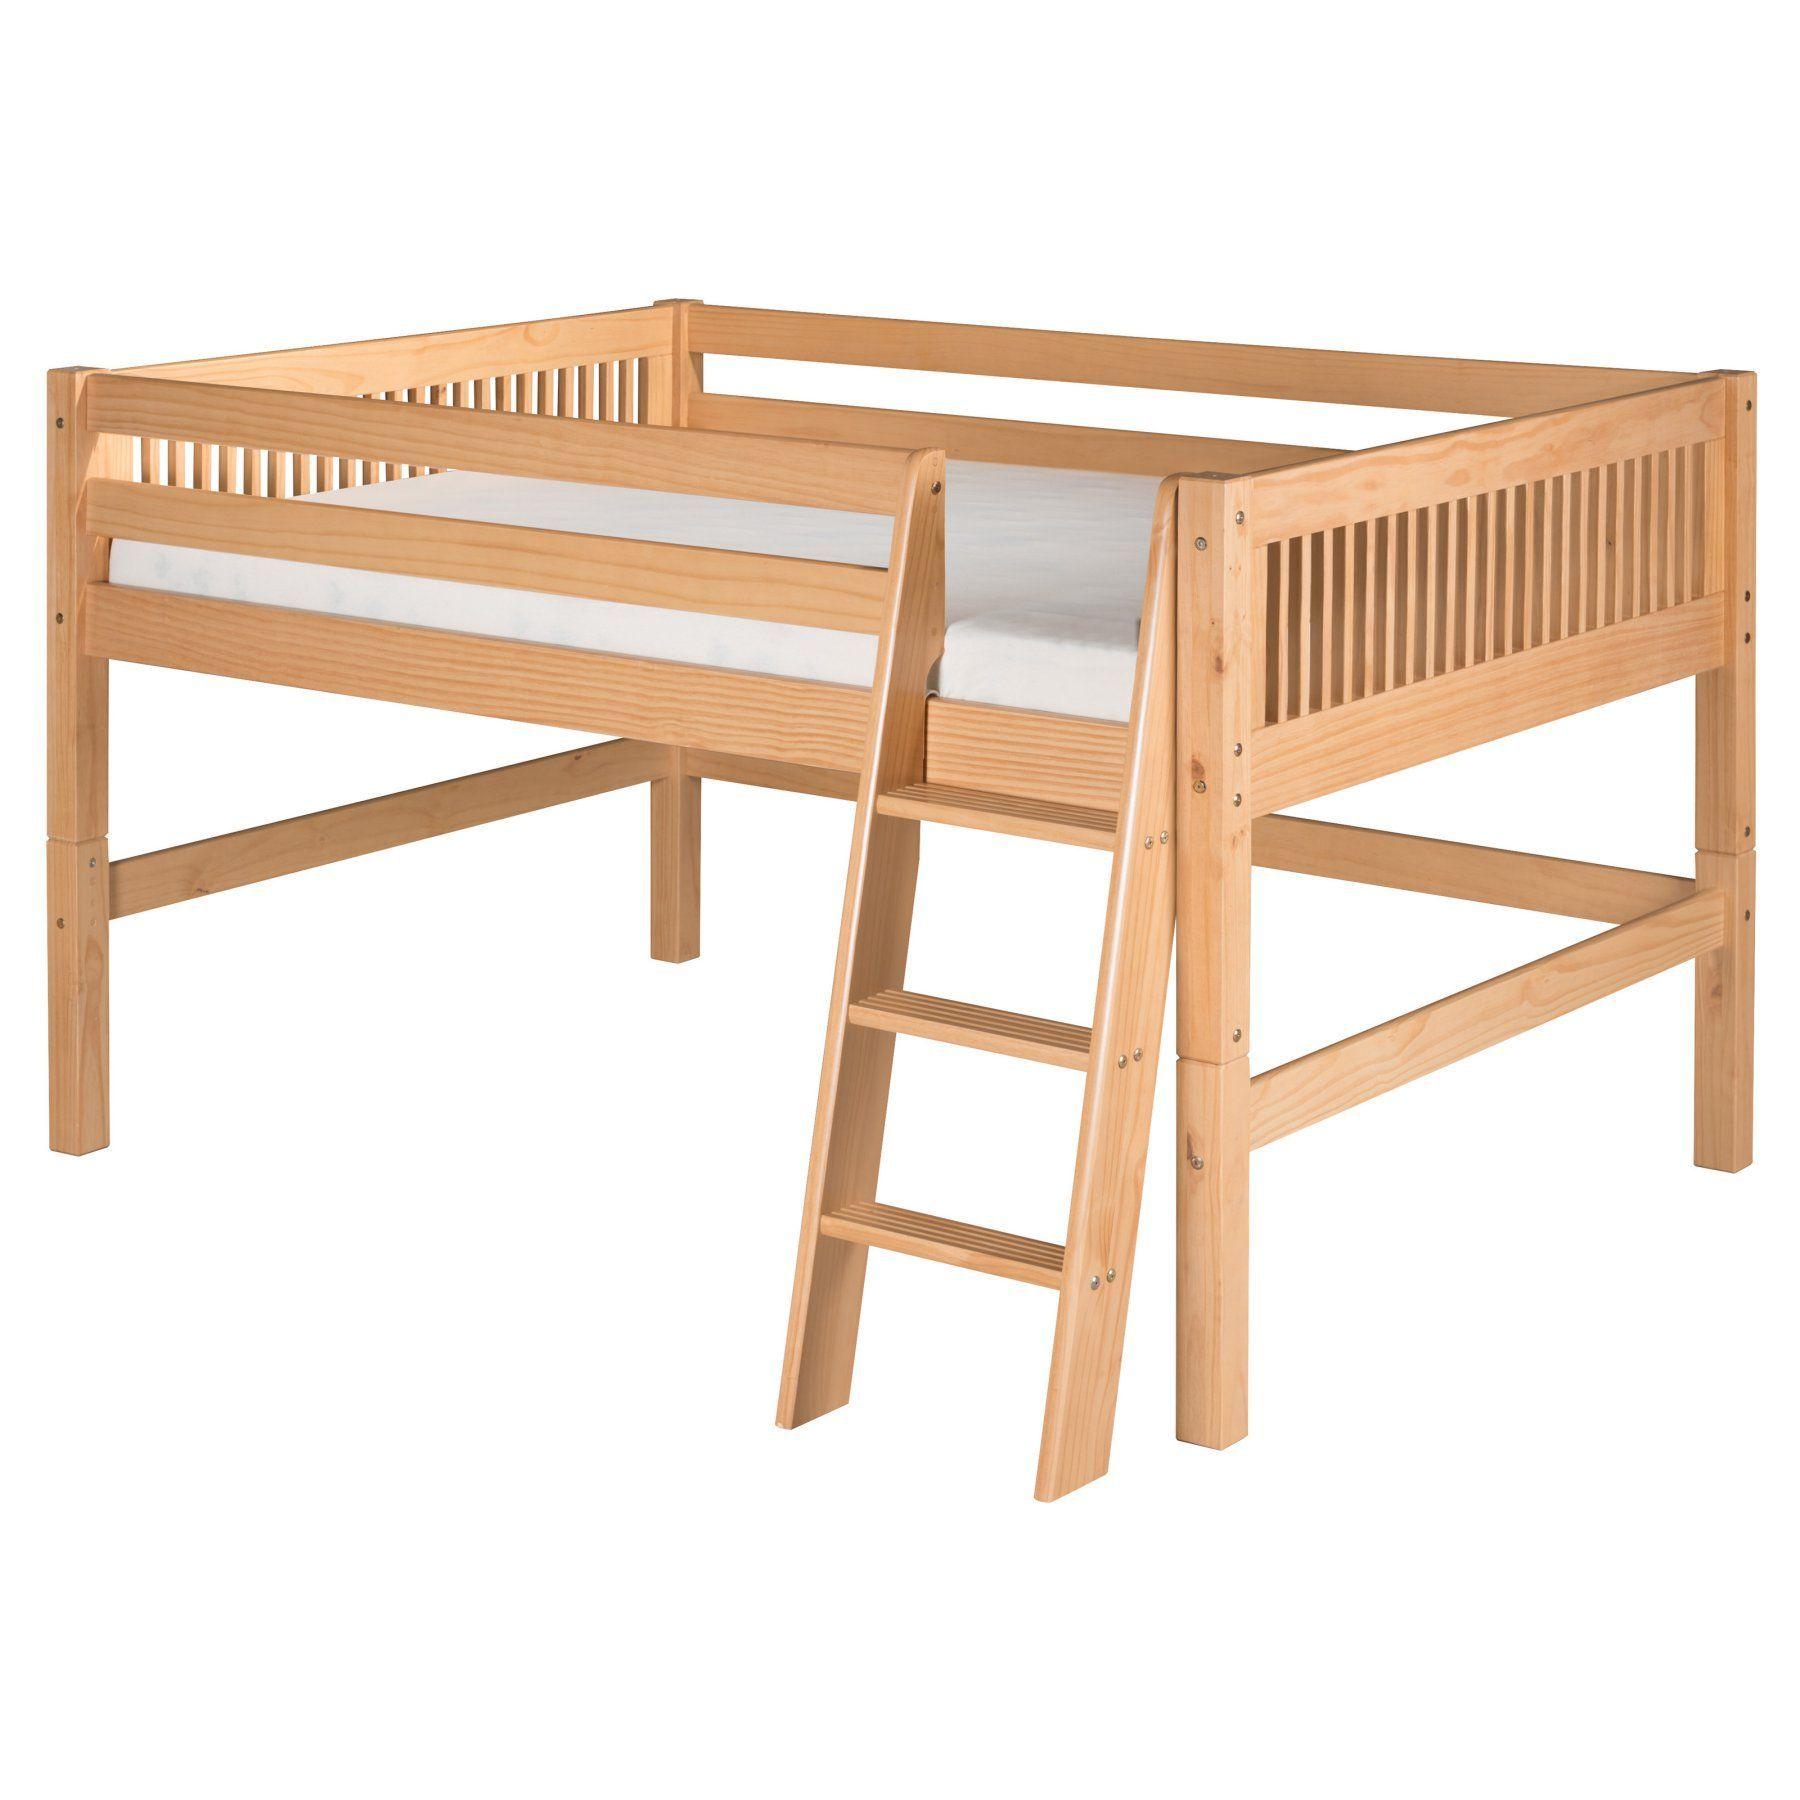 Low loft bed twin  Camaflexi Mission Headboard Low Loft Bed  CFWH  Low loft beds